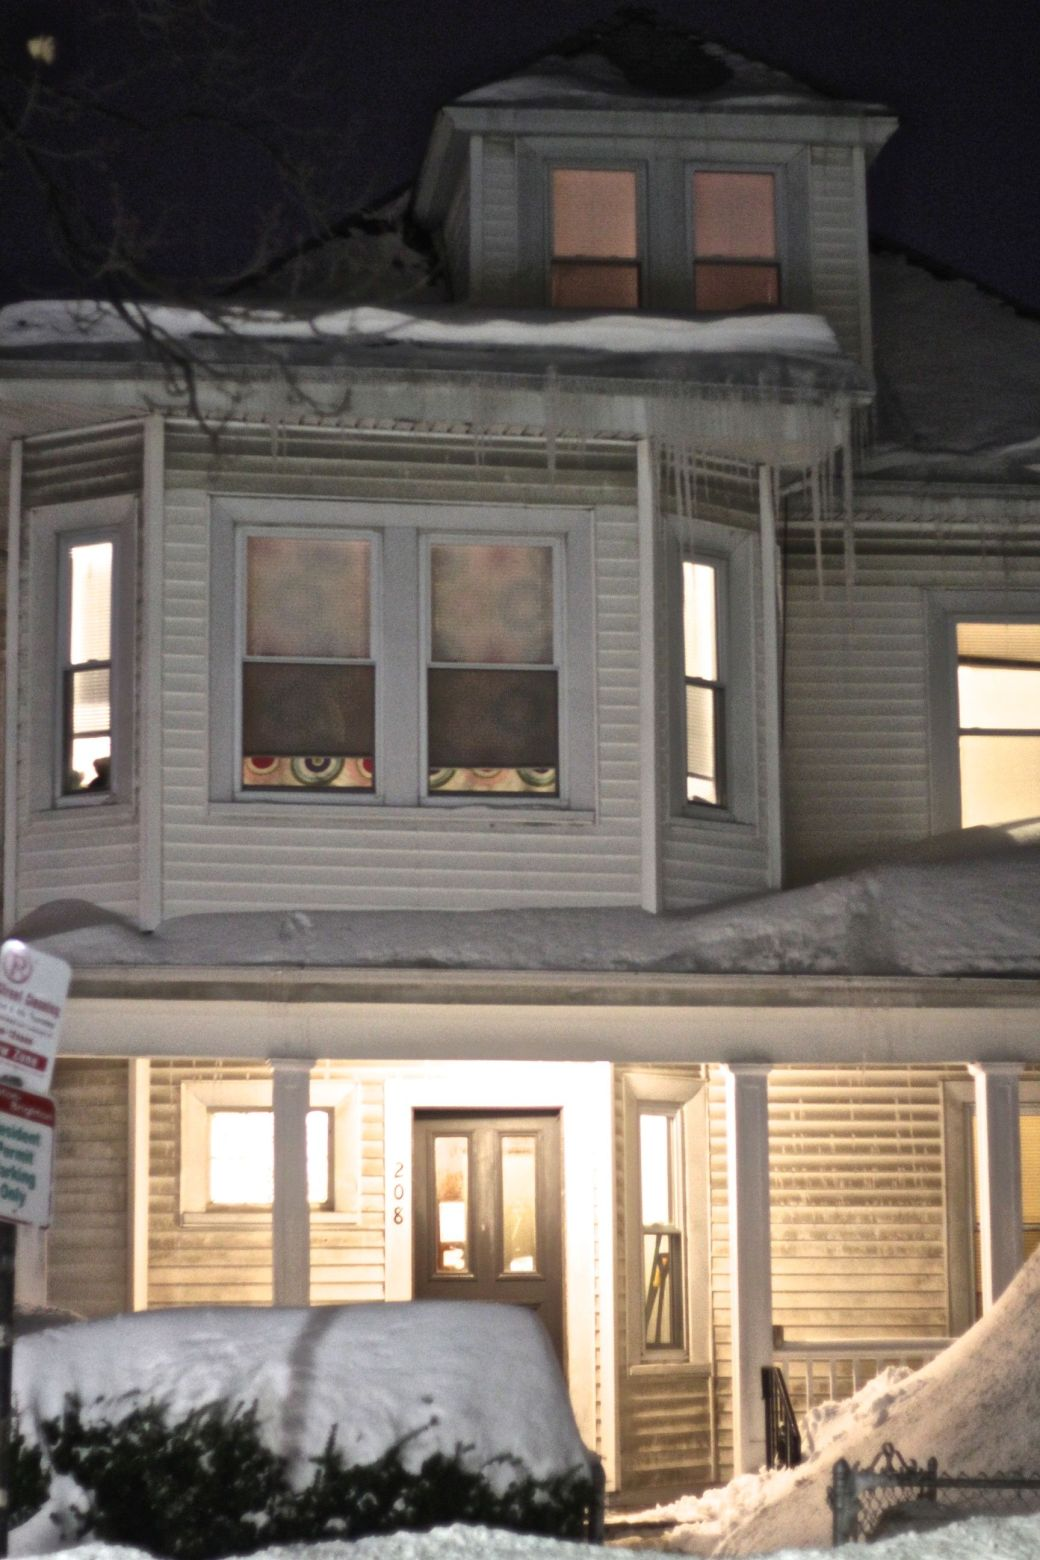 boston allston snow storm february 10 2015 1